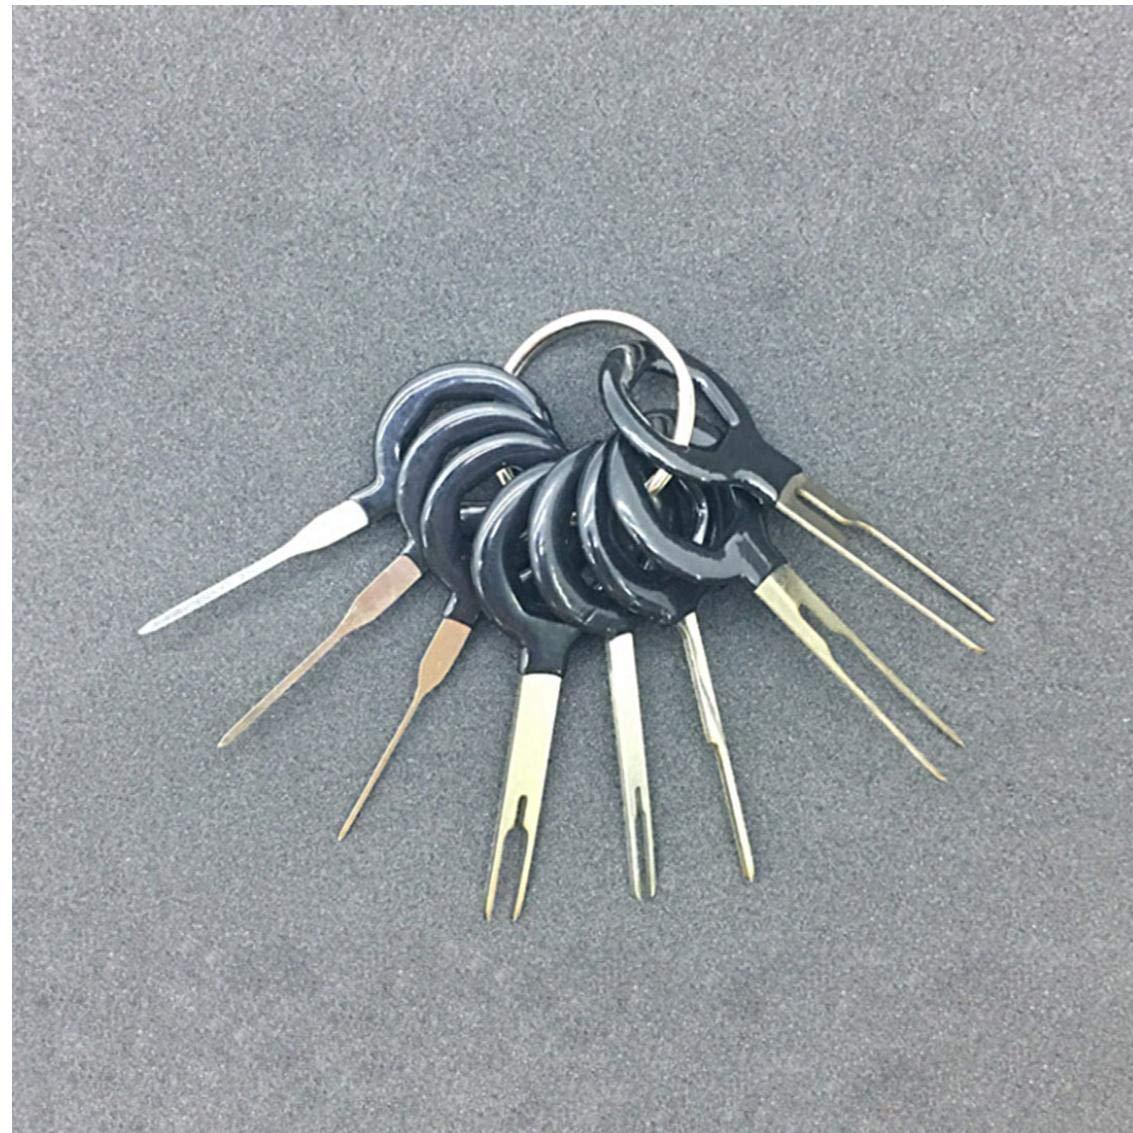 Set Herramientas de eliminaci/ón Terminal Car Kit de cableado el/éctrico prensado del Conector Pin Extractor Onsinic Arn/és de Cable Conector Crimp Pin 11Pcs